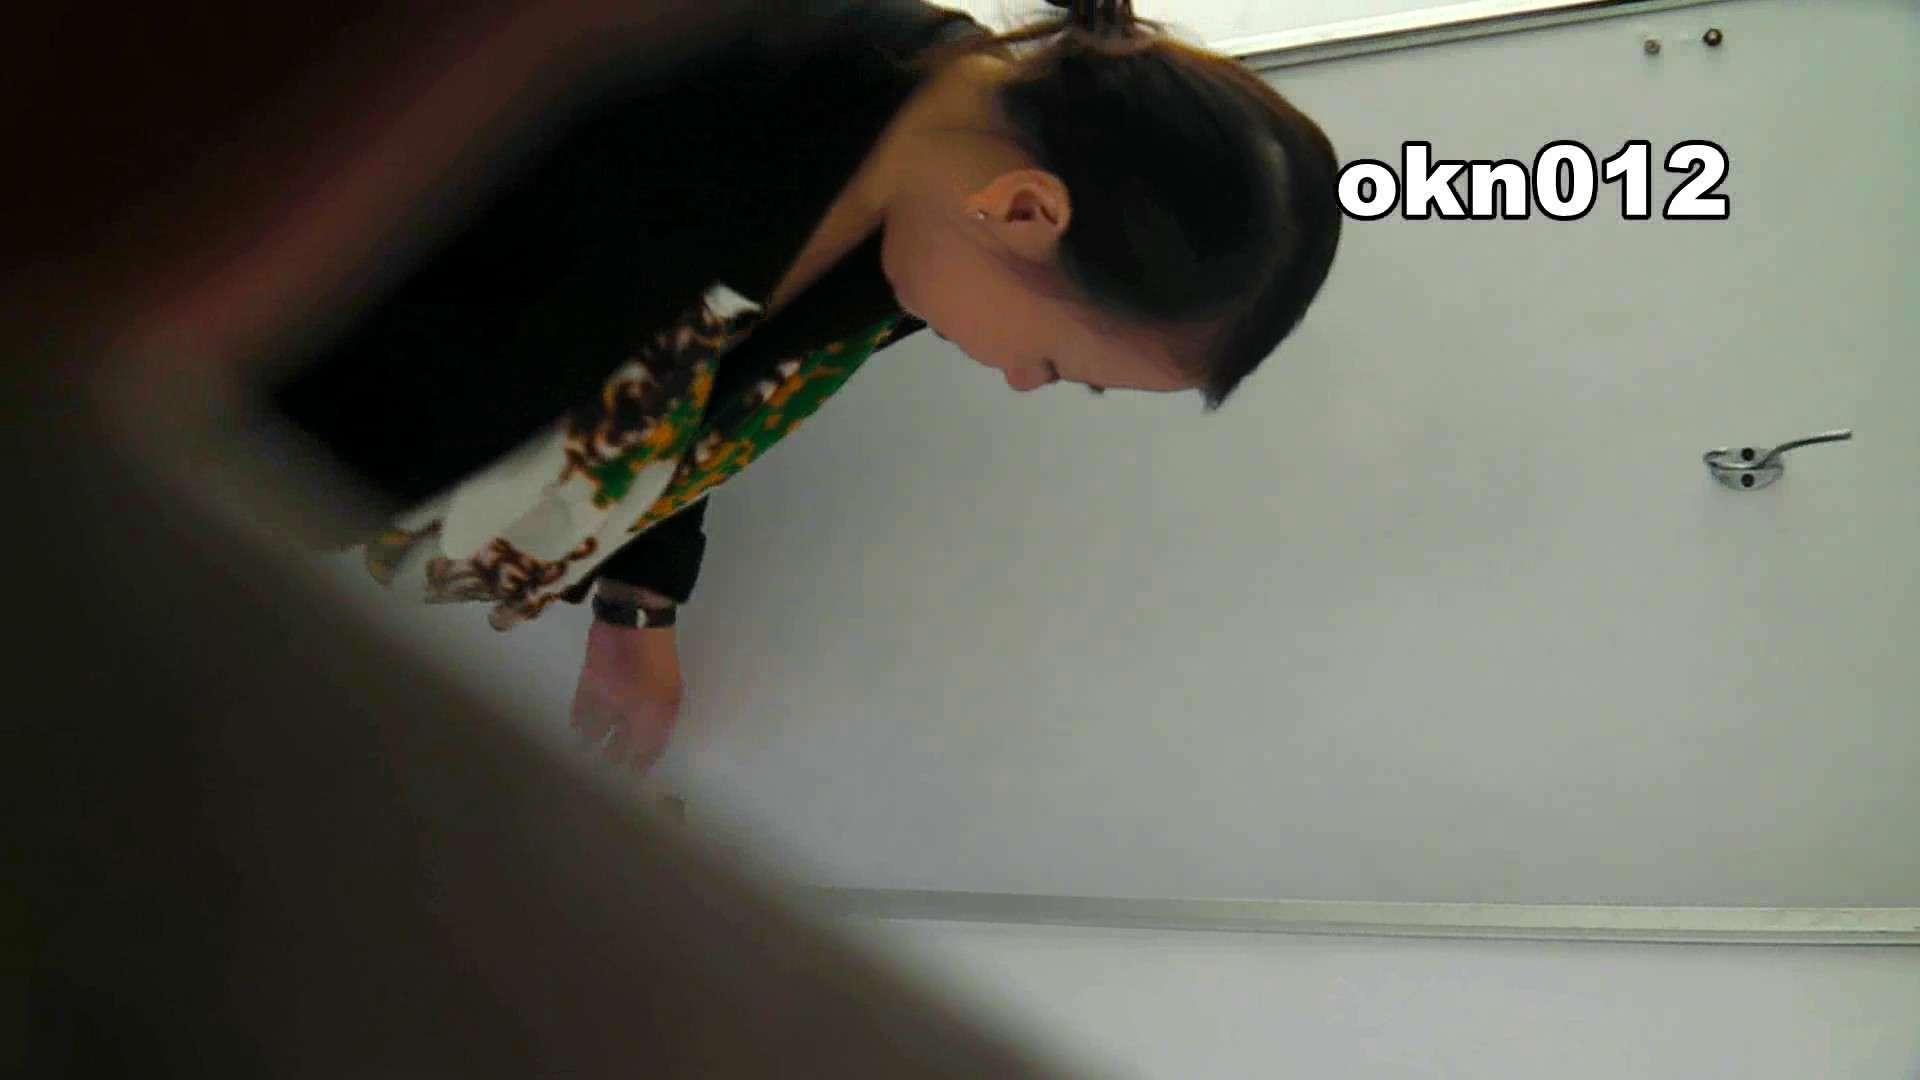 下からノゾム vol.012 長いものには エッチなお姉さん AV動画キャプチャ 83画像 79